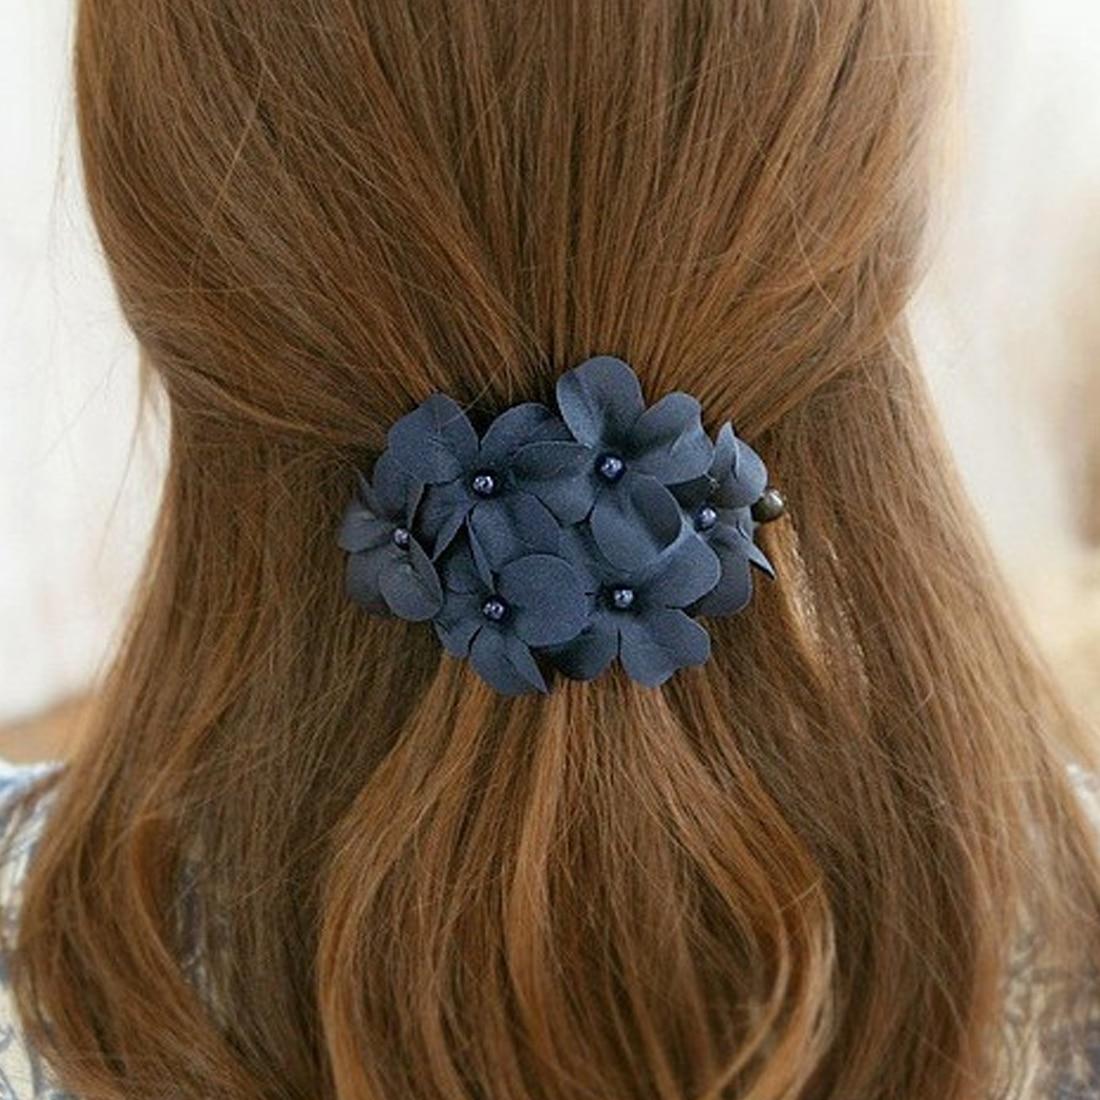 Plastic Barrette Fashion Hair Accessories  Flowers Pearl Hairpin Hair Clips WomenHair Pins Hair Grip Floral Hairdresser Tool